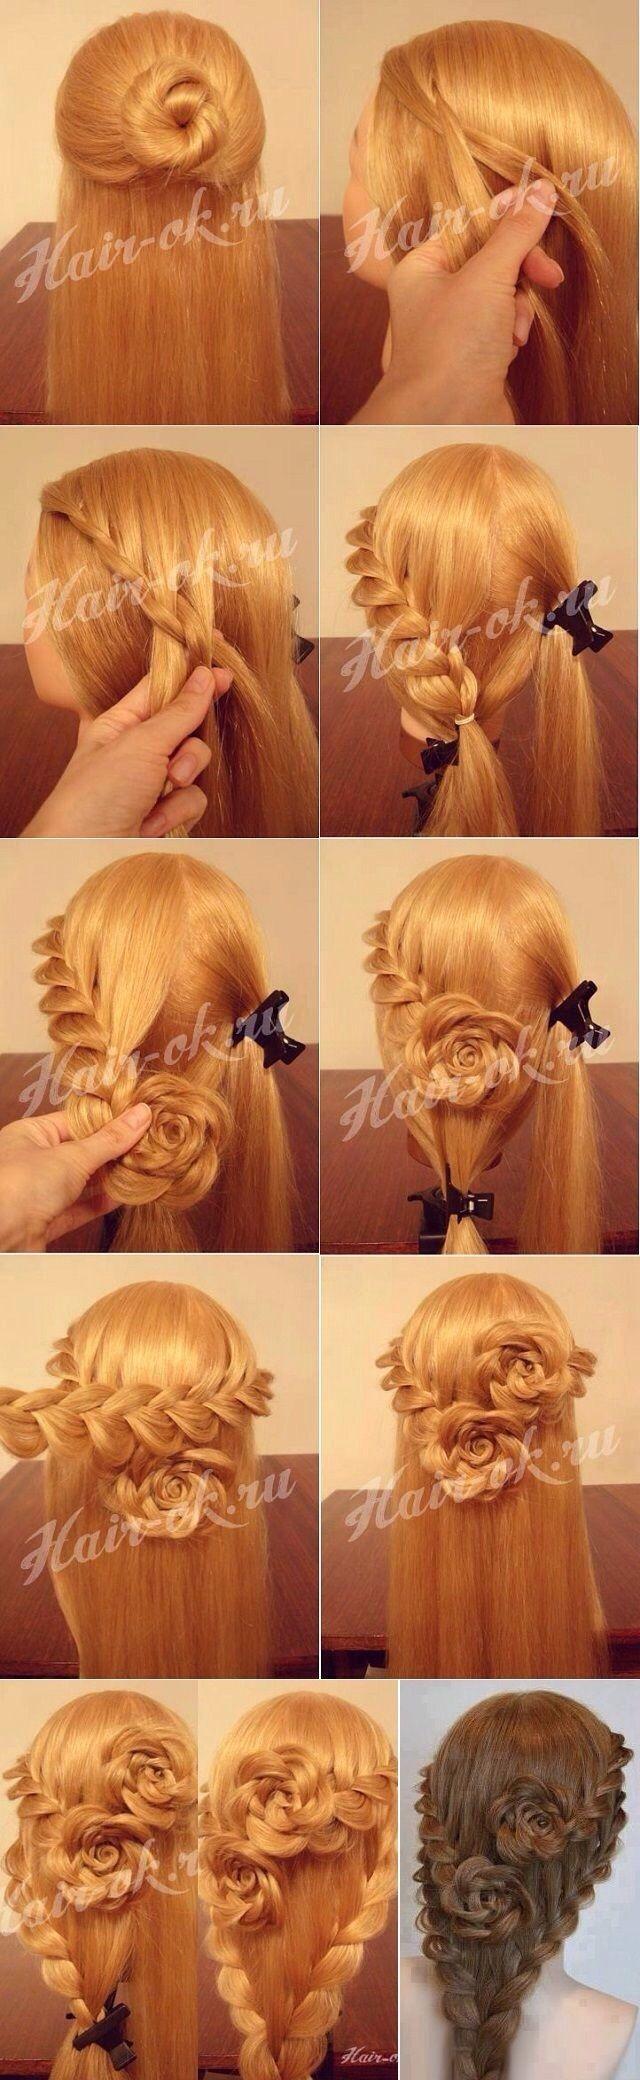 How To Do Pretty Flower Braids